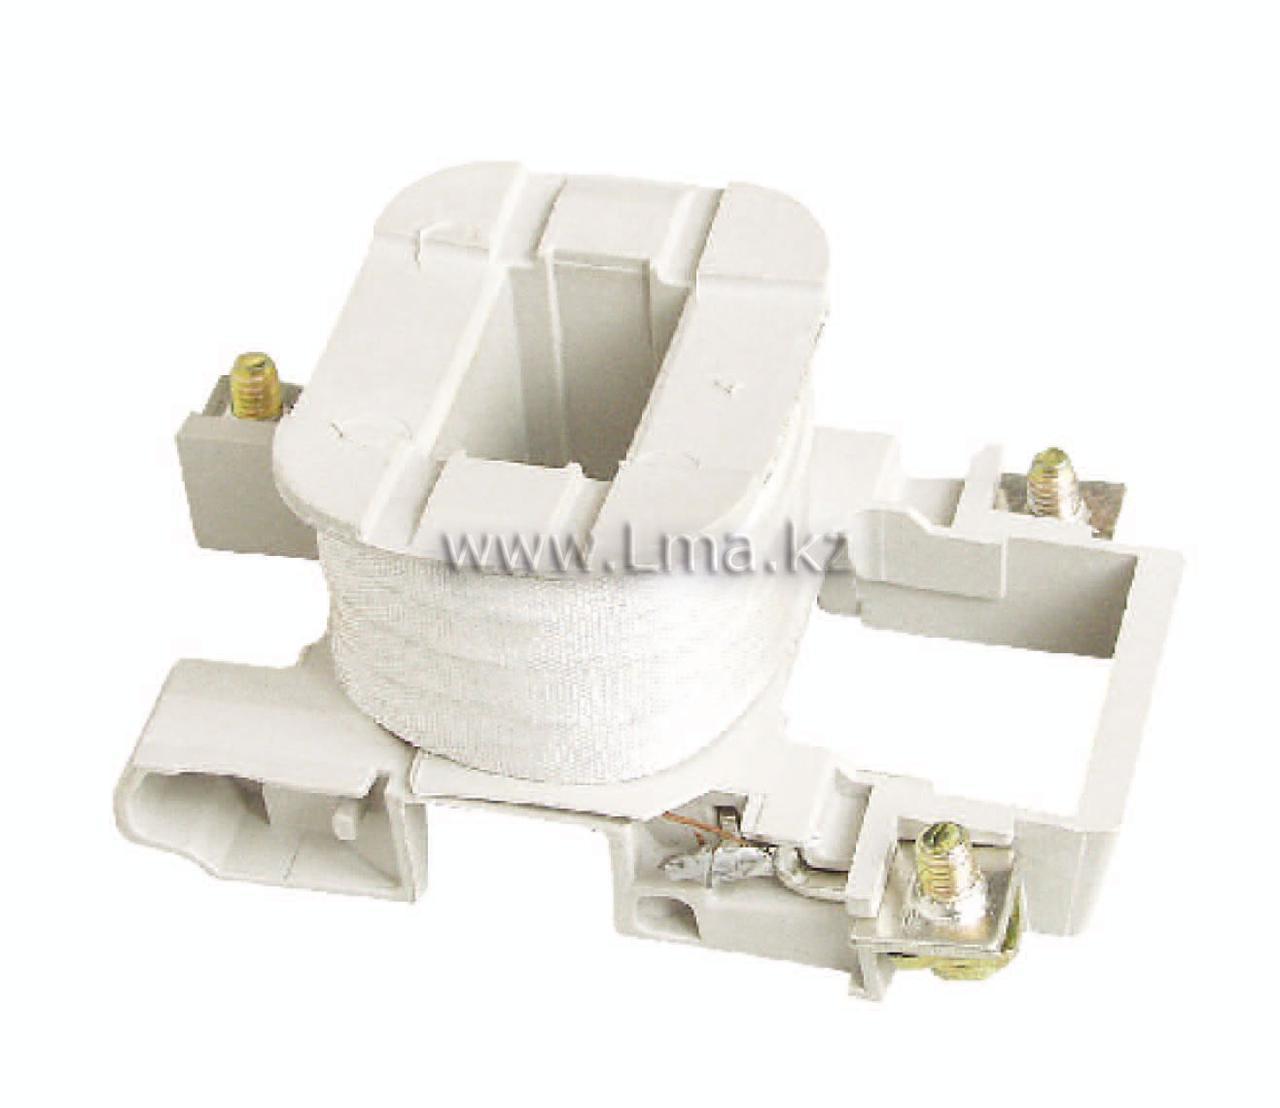 Катушка управления контактором электромагнитным TSX1-D4 (КМК-2532Л) AC 24V, 220V, 380V